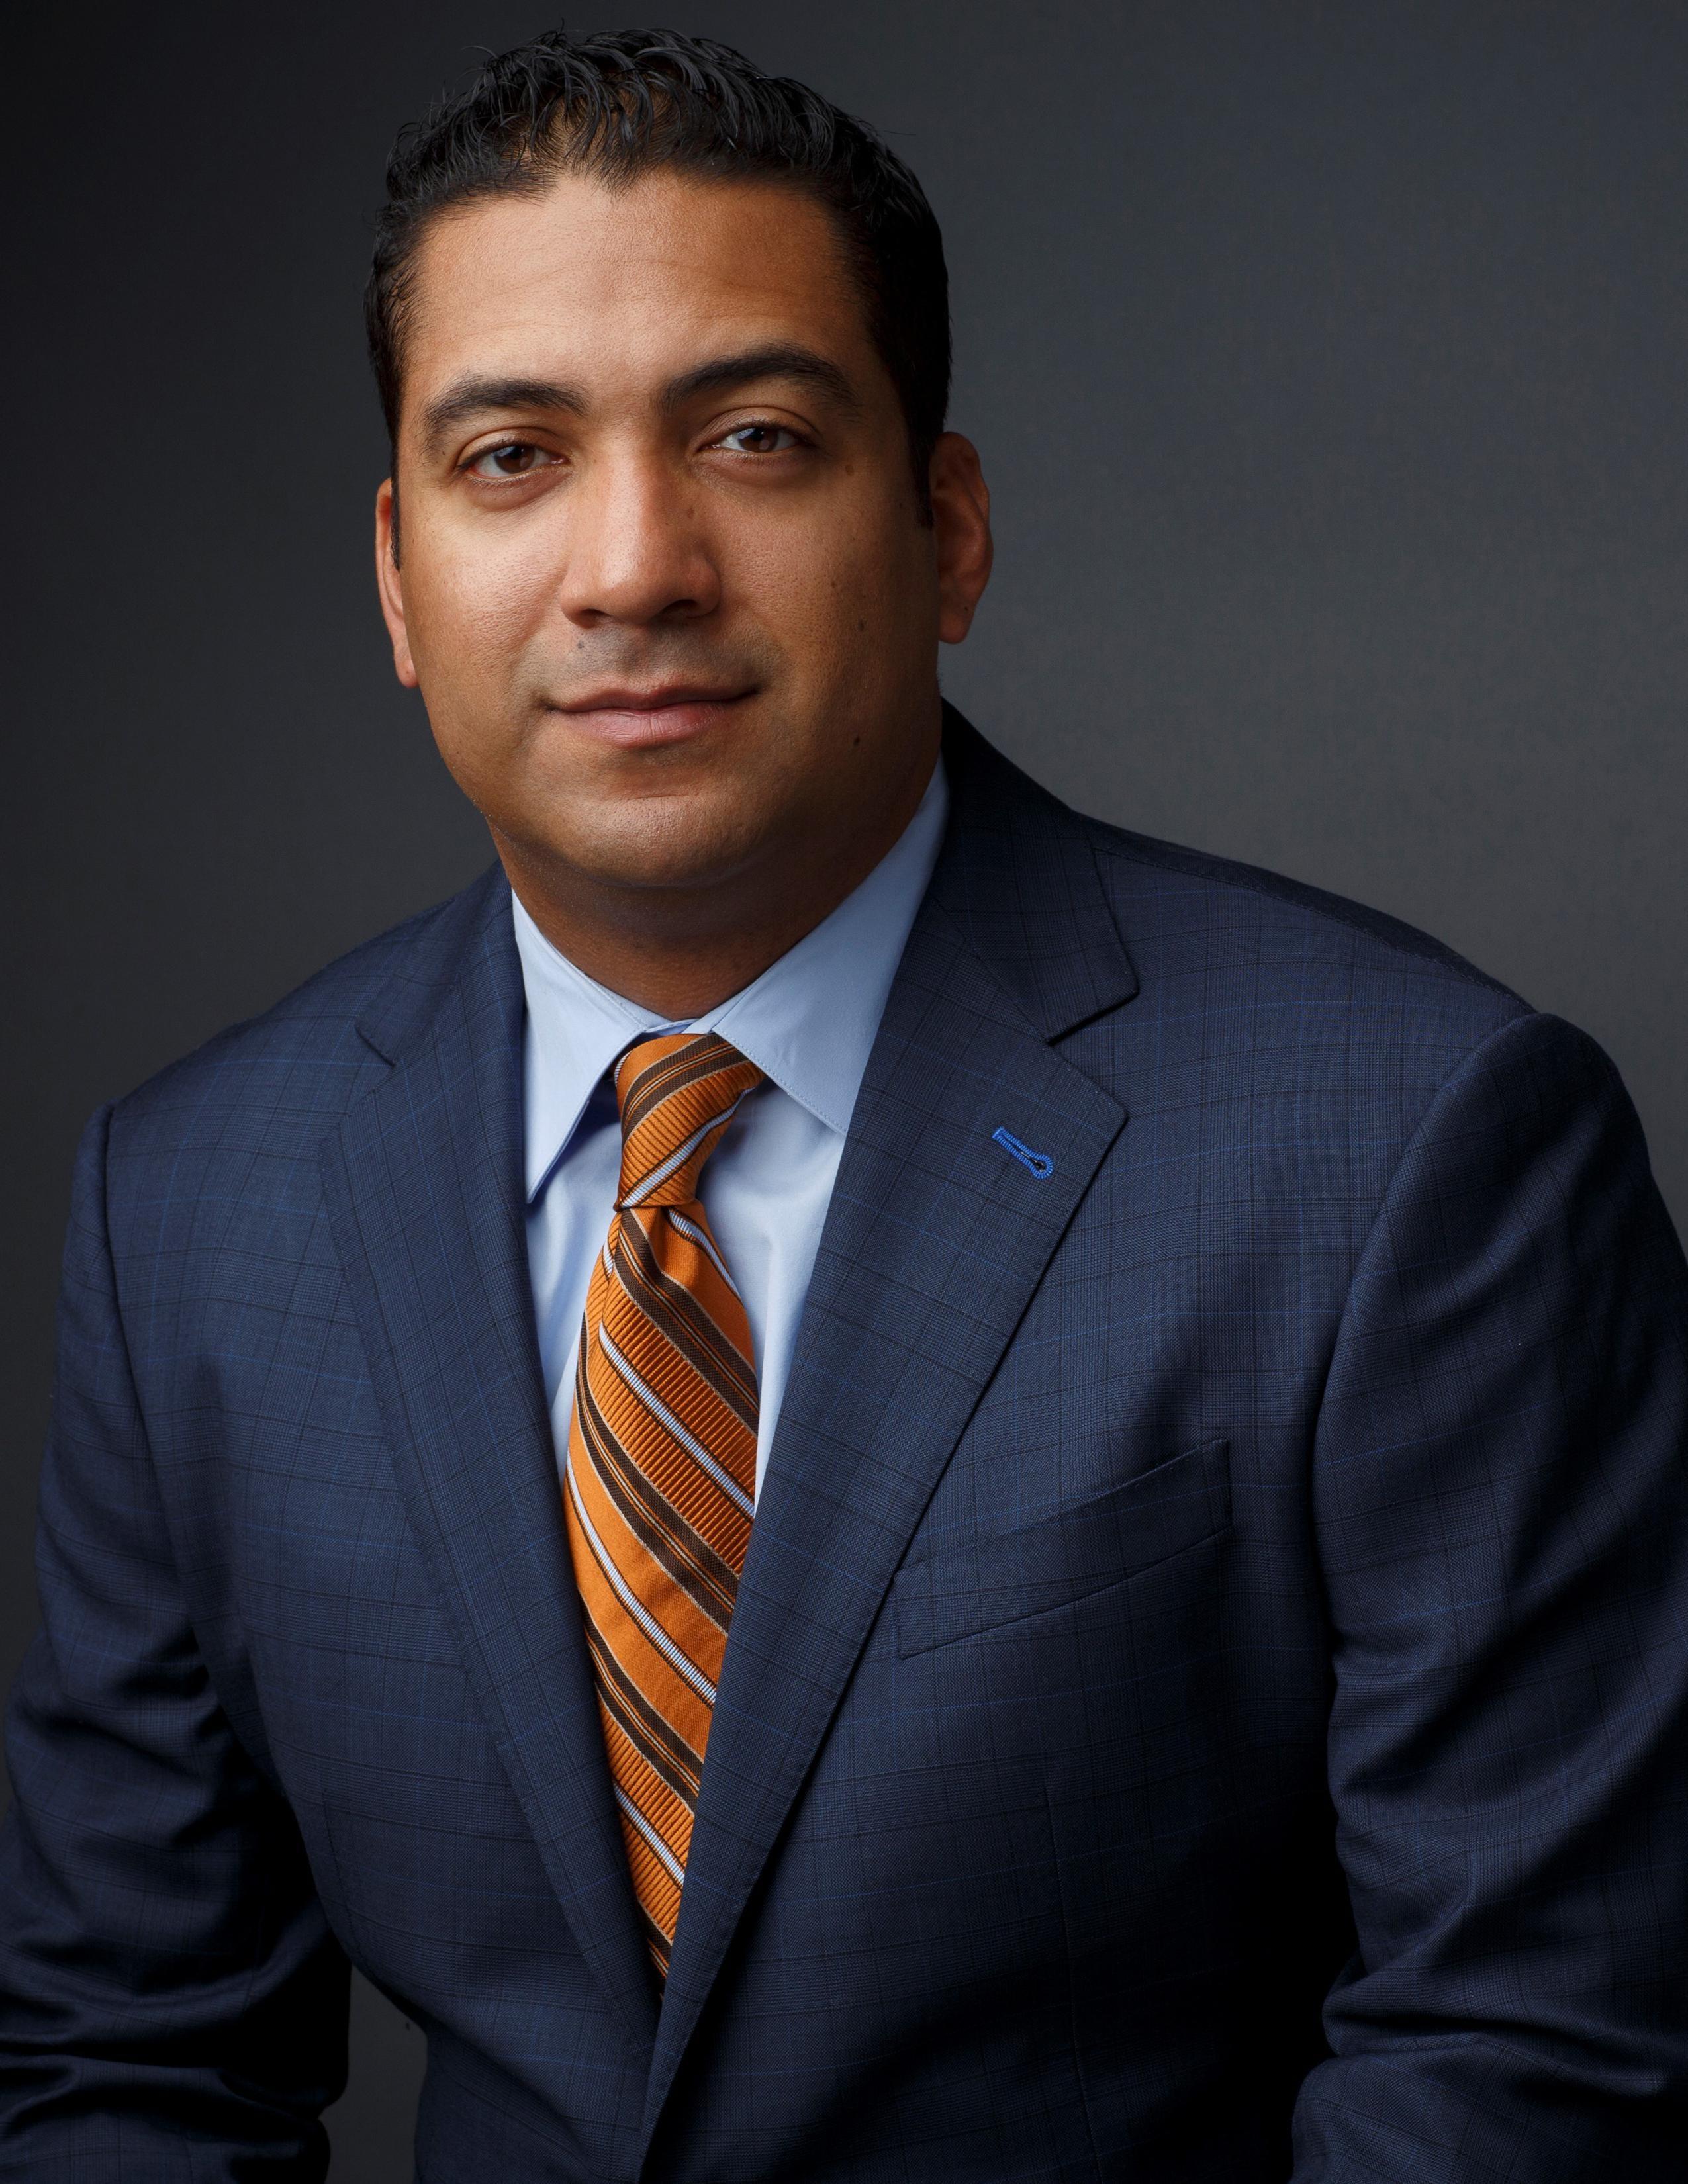 Lobbyist Juan Cespedes